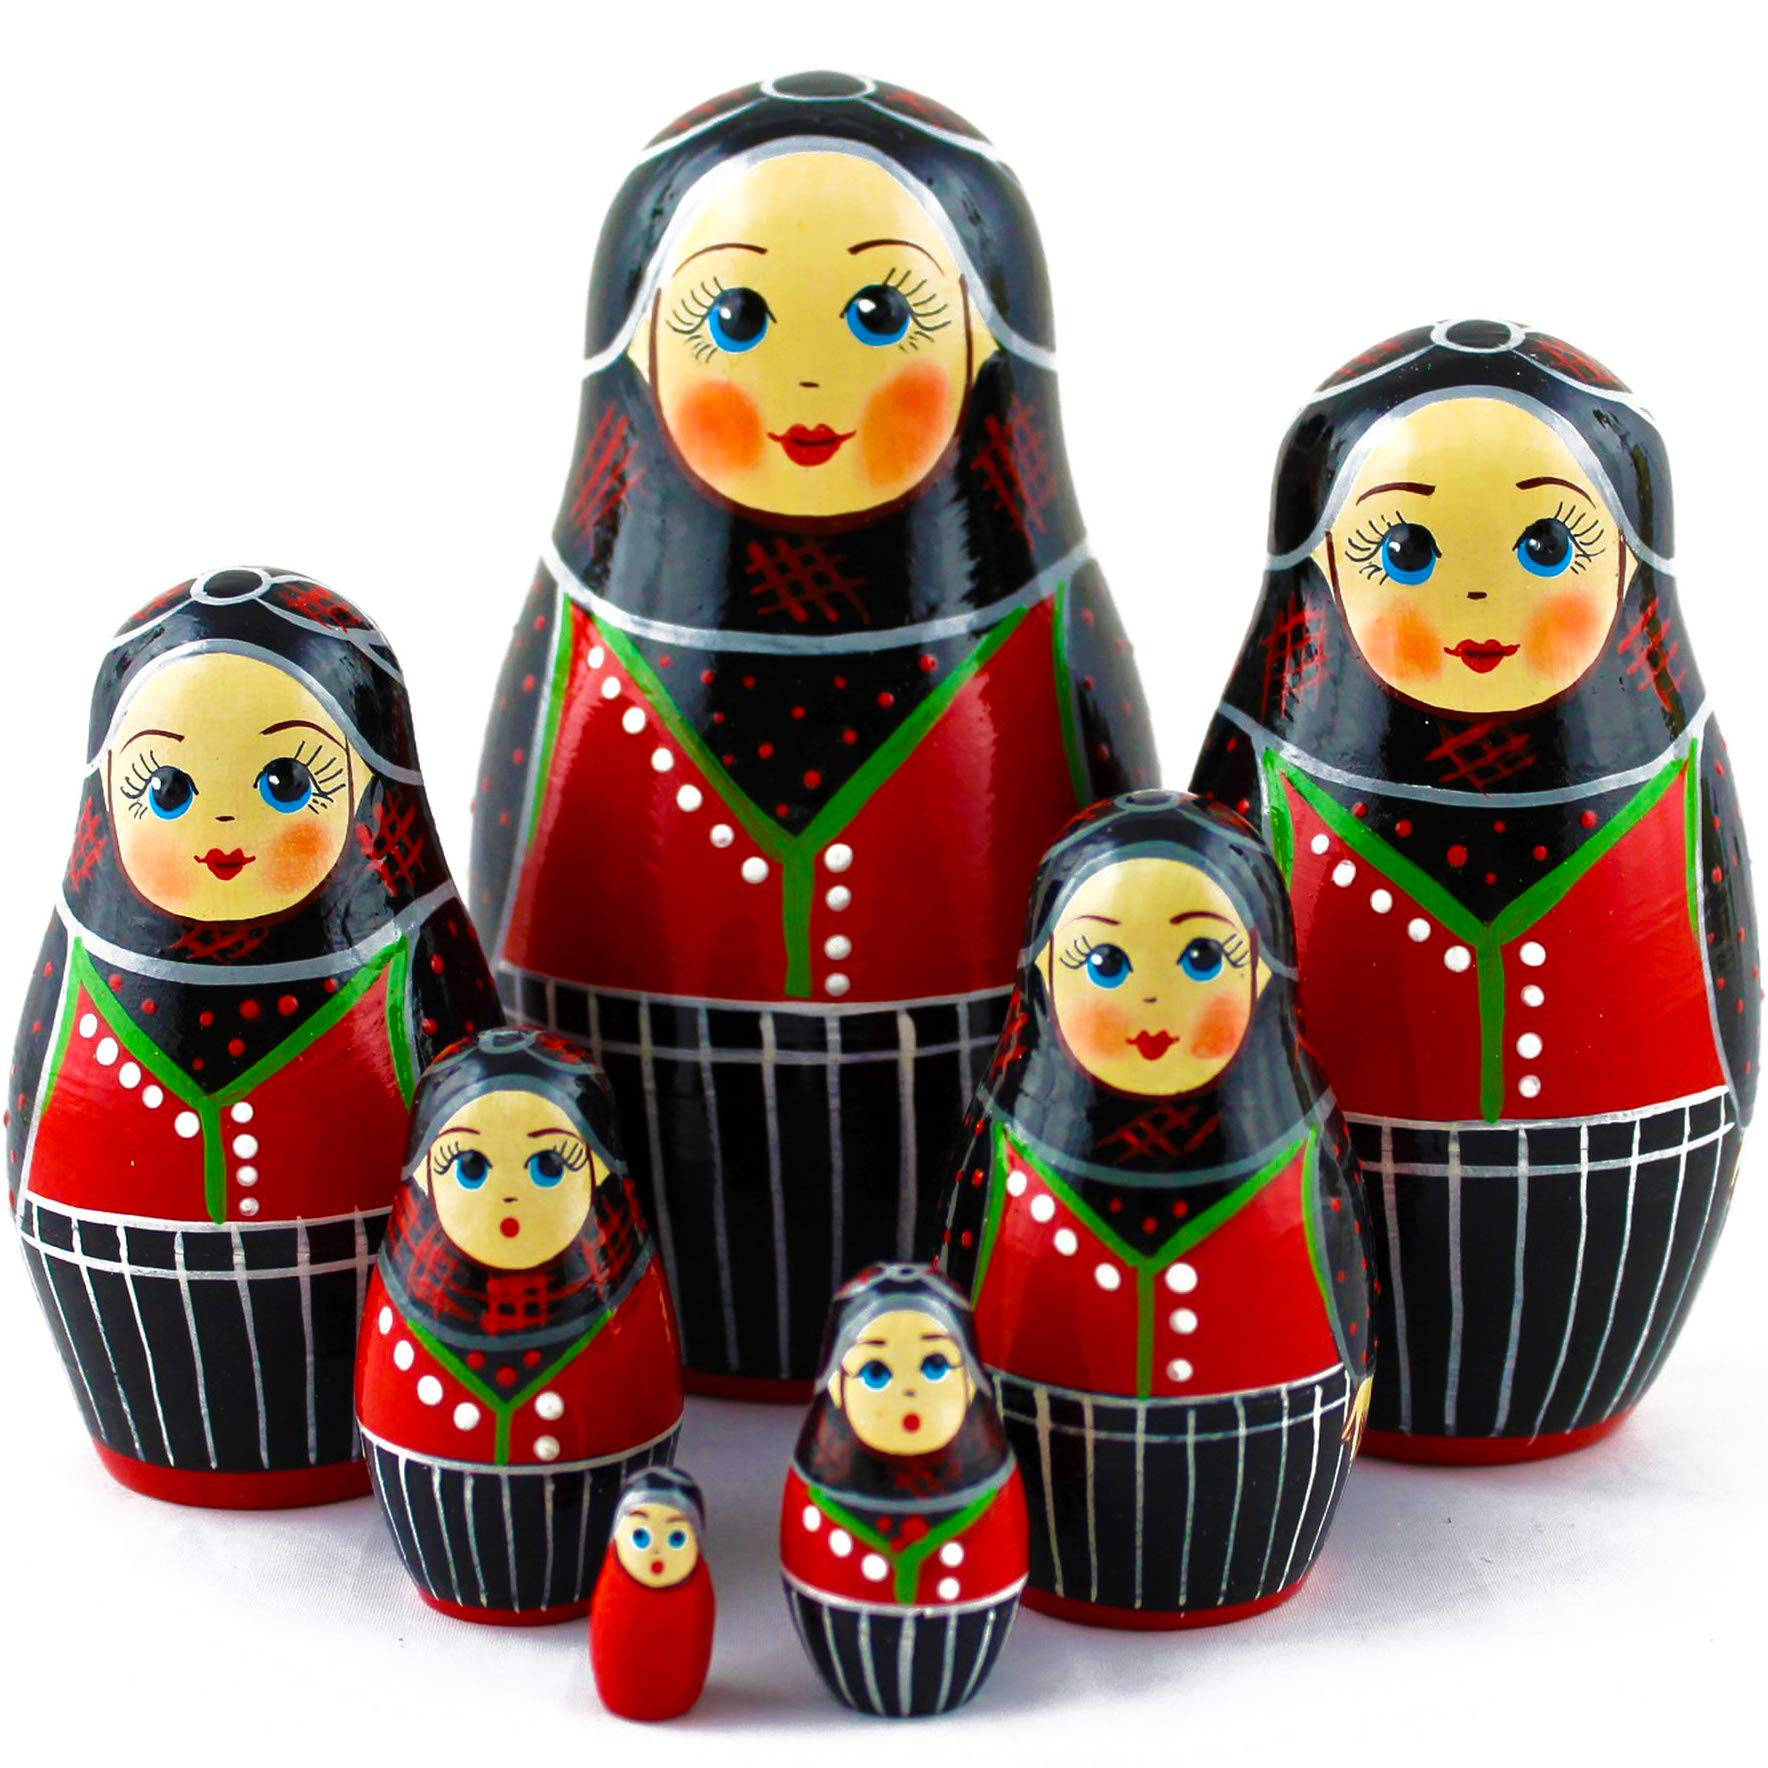 Wooden Nesting Dolls - Matryoshka Dolls Danish Folk Costume Set 7 pcs by MATRYOSHKA&HANDICRAFT